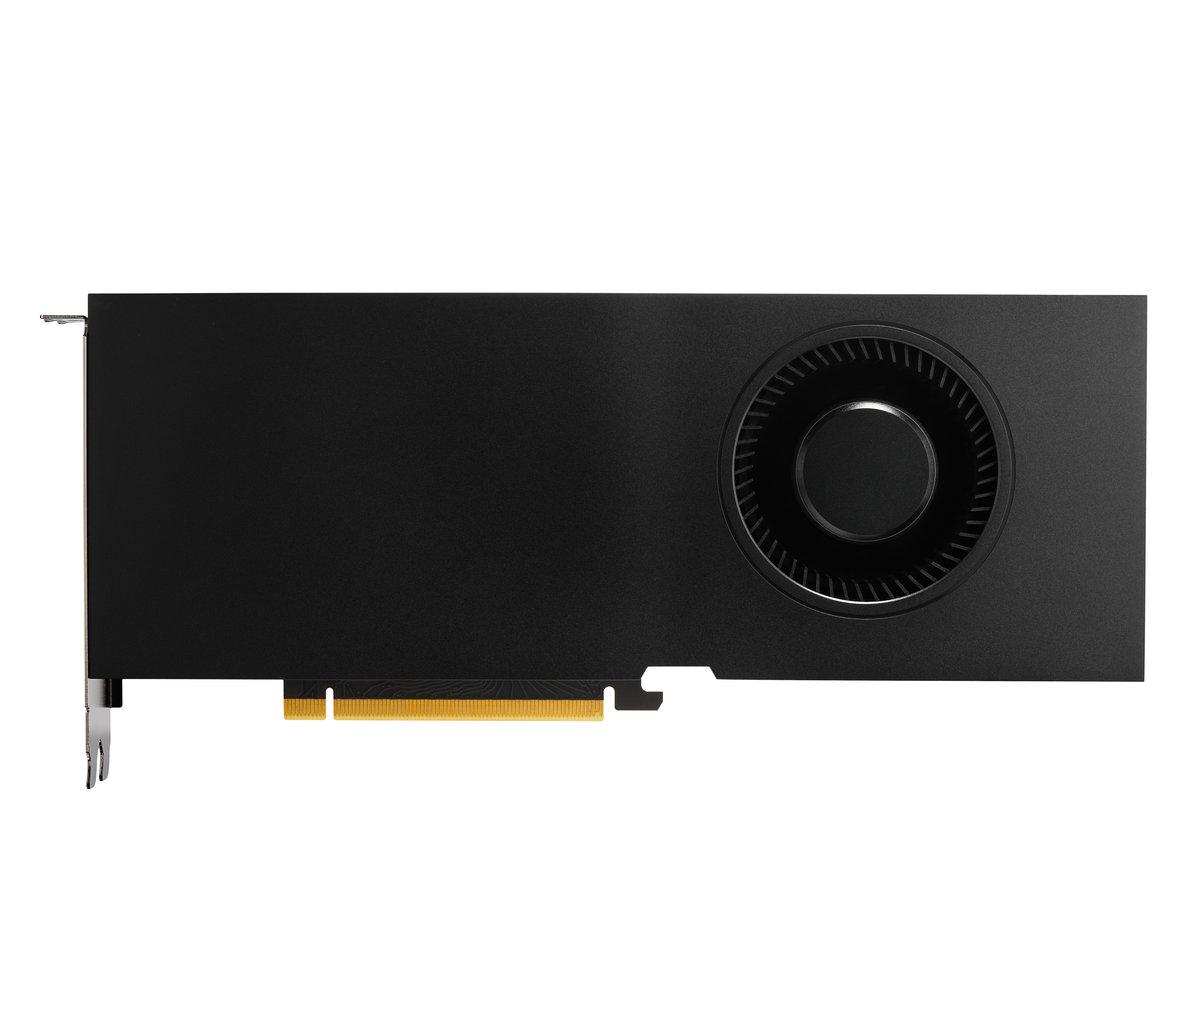 HP NVIDIA RTX A5000 24GB 4DP GFX